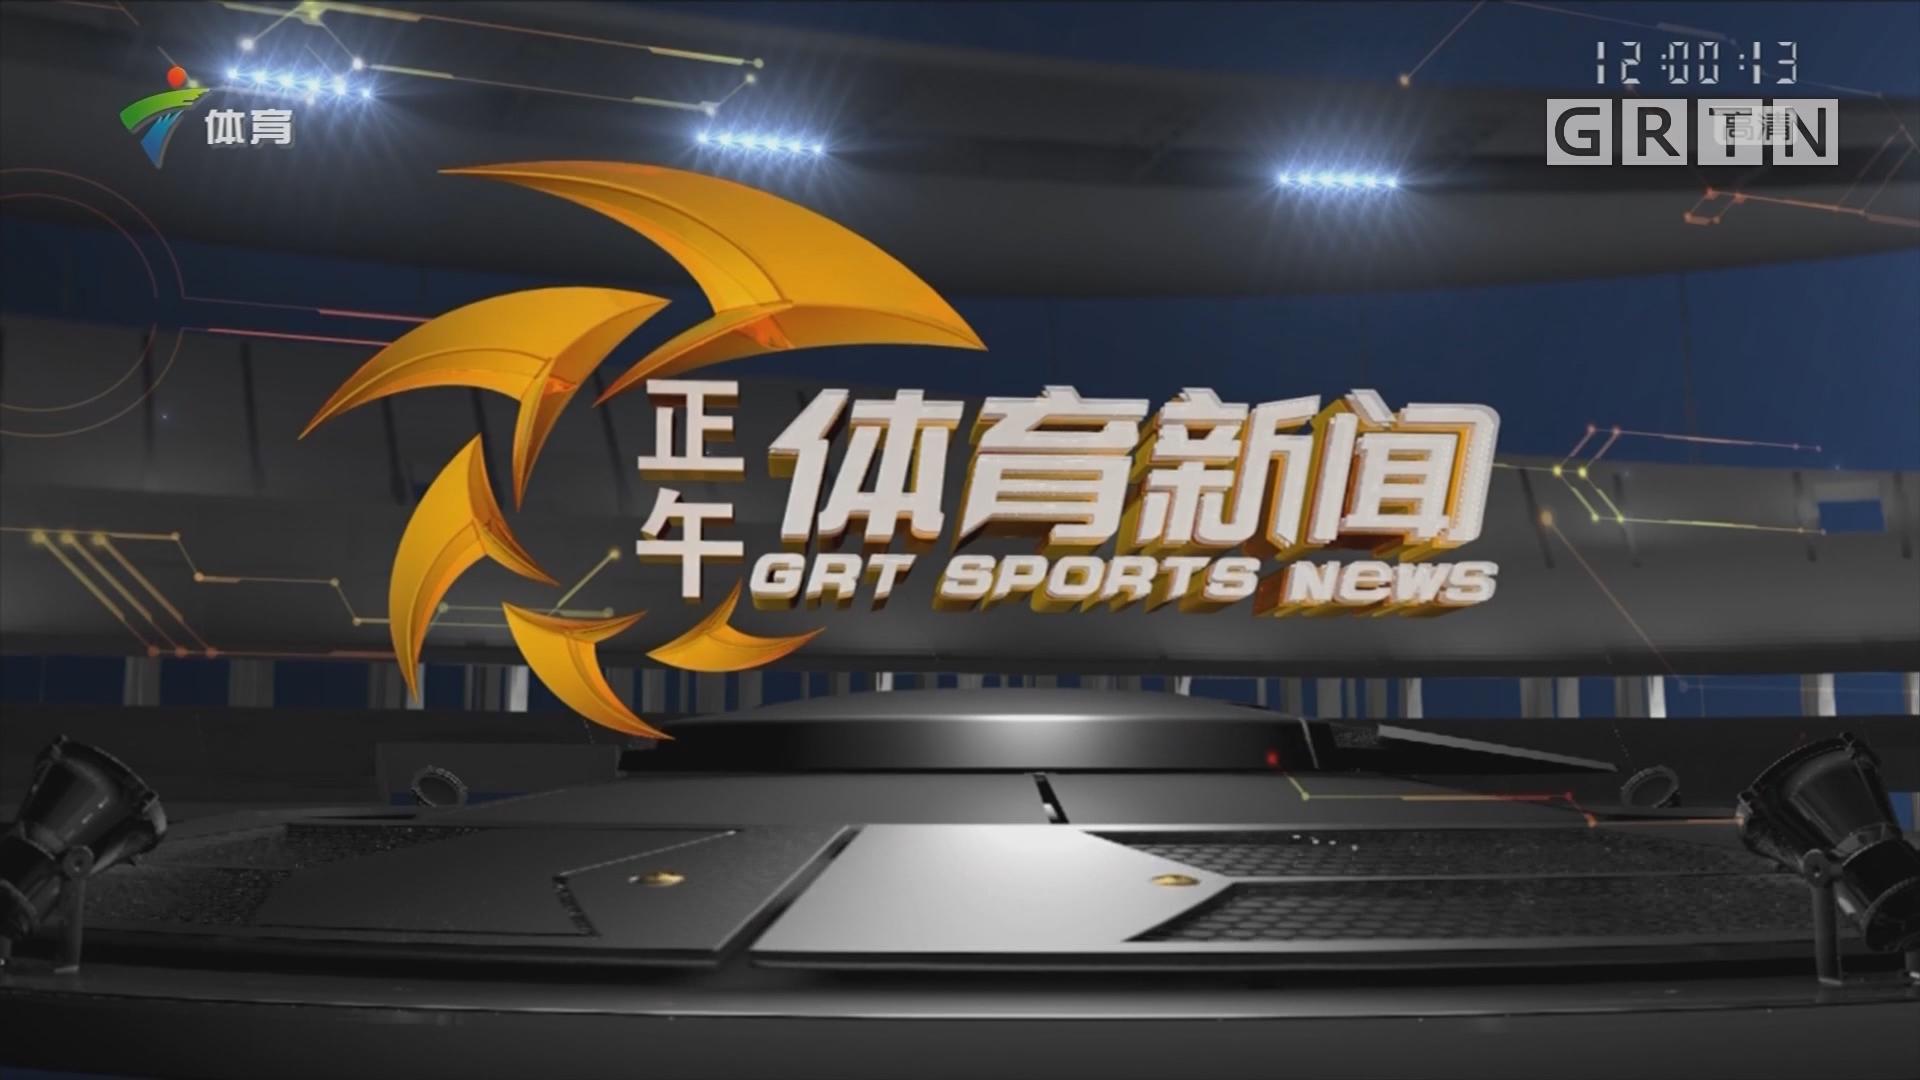 [HD][2018-10-31]正午体育新闻:易建联万分里程碑 广东东莞银行客场取胜山东